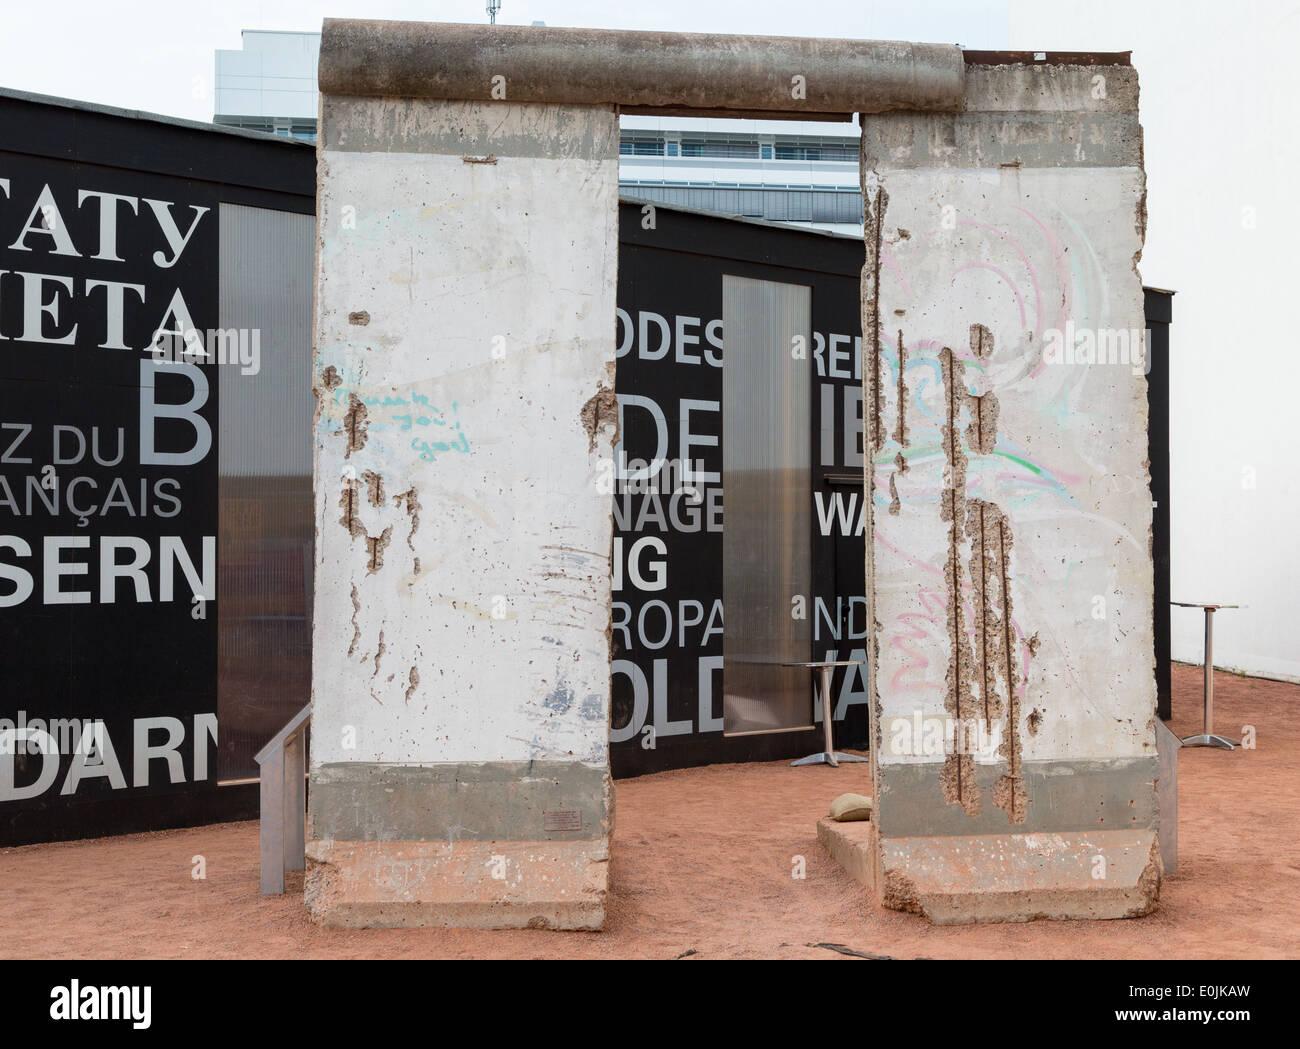 Una sección del muro de Berlín, en el display, separados Berlín Oriental y Occidental, Alemania durante la Guerra Fría. Imagen De Stock